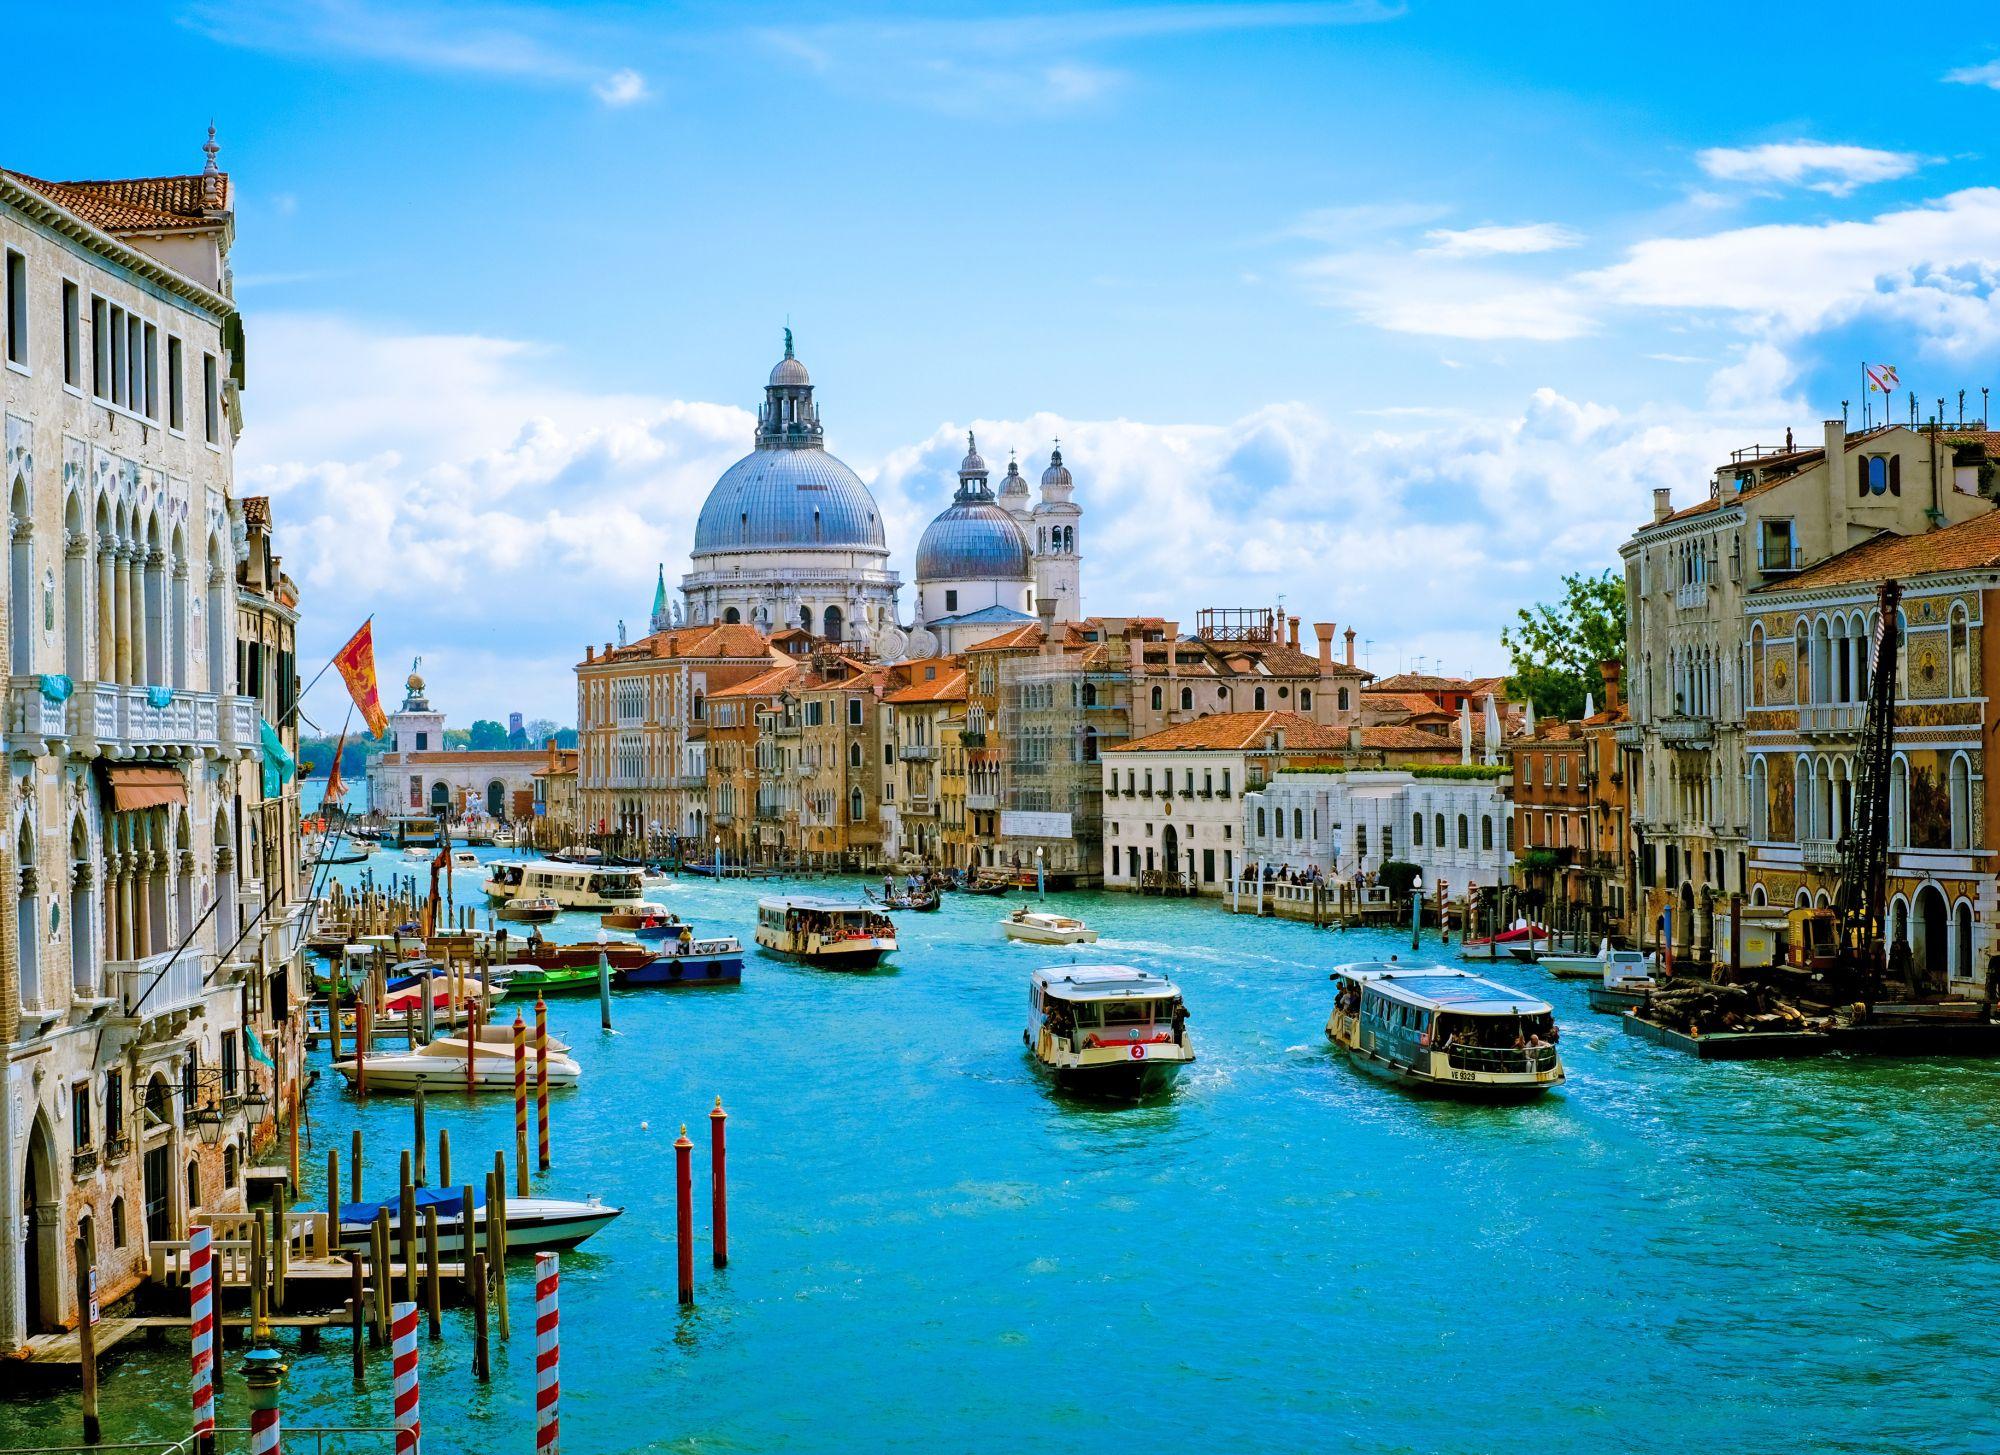 Wenecja widok kanału